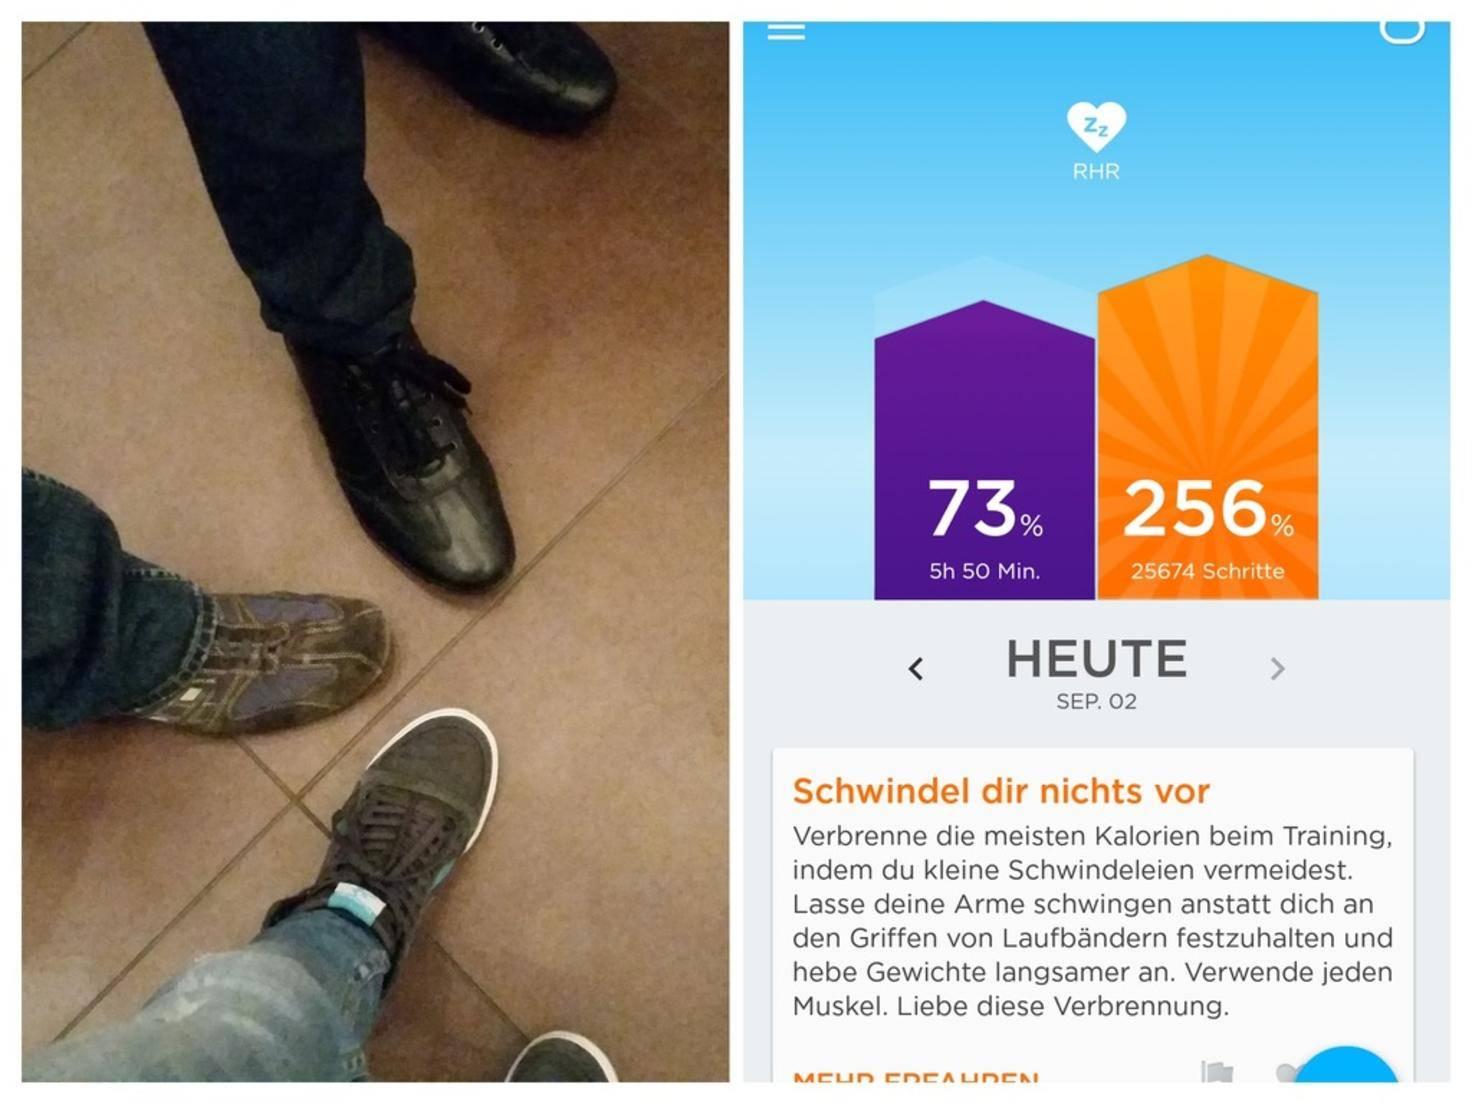 Knapp 26.000 Schritte an einem Messetag. Pro Person natürlich!